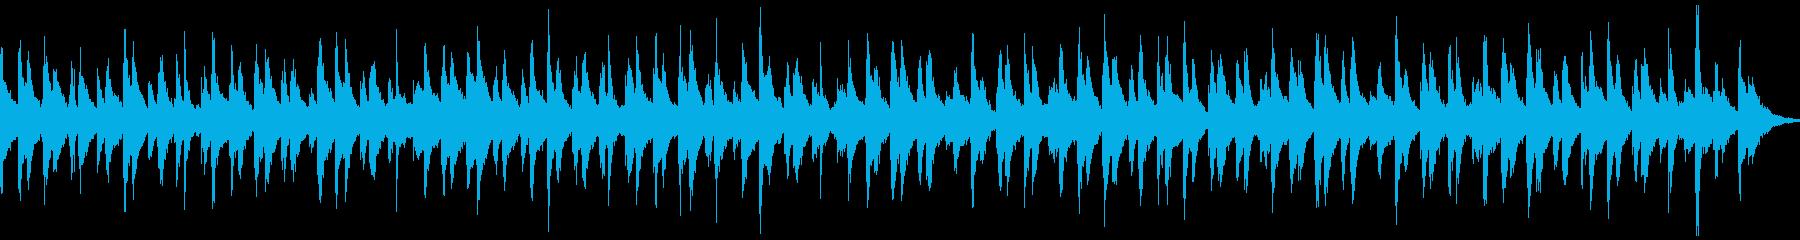 賑やかなお囃子(ループ)の再生済みの波形